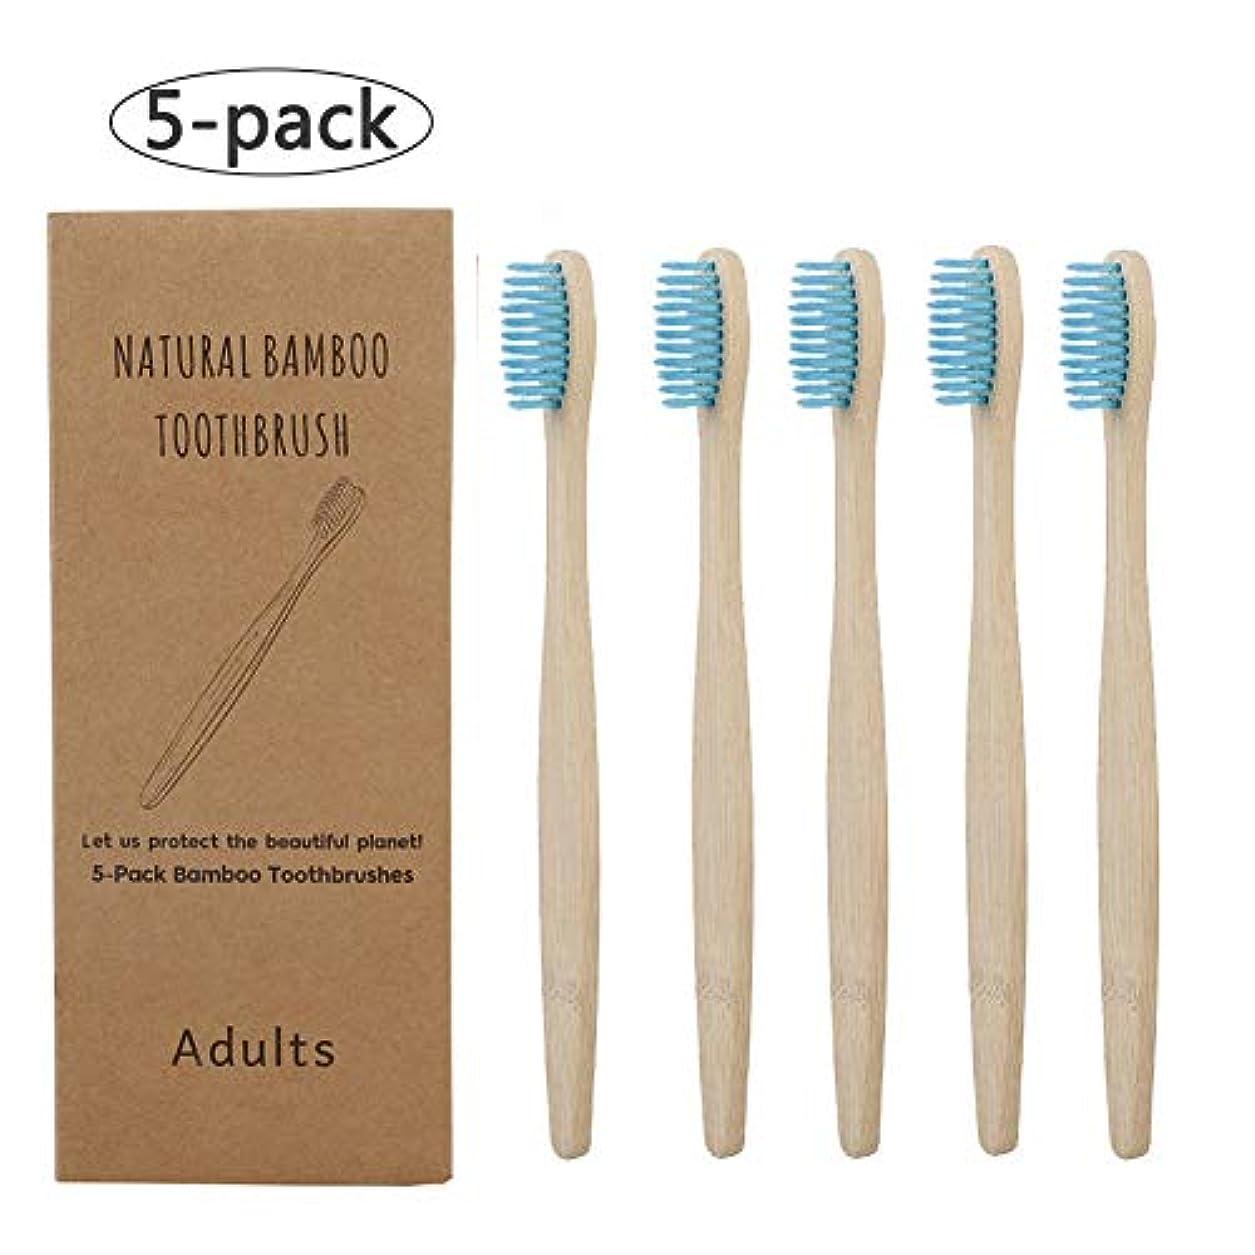 蜂トランクちっちゃいDoo 5pcs 竹の歯ブラシ 大人用 柔らかい剛毛 環境保護 自然竹ハンドル 軟毛歯ブラシ 口腔ケア ブルー